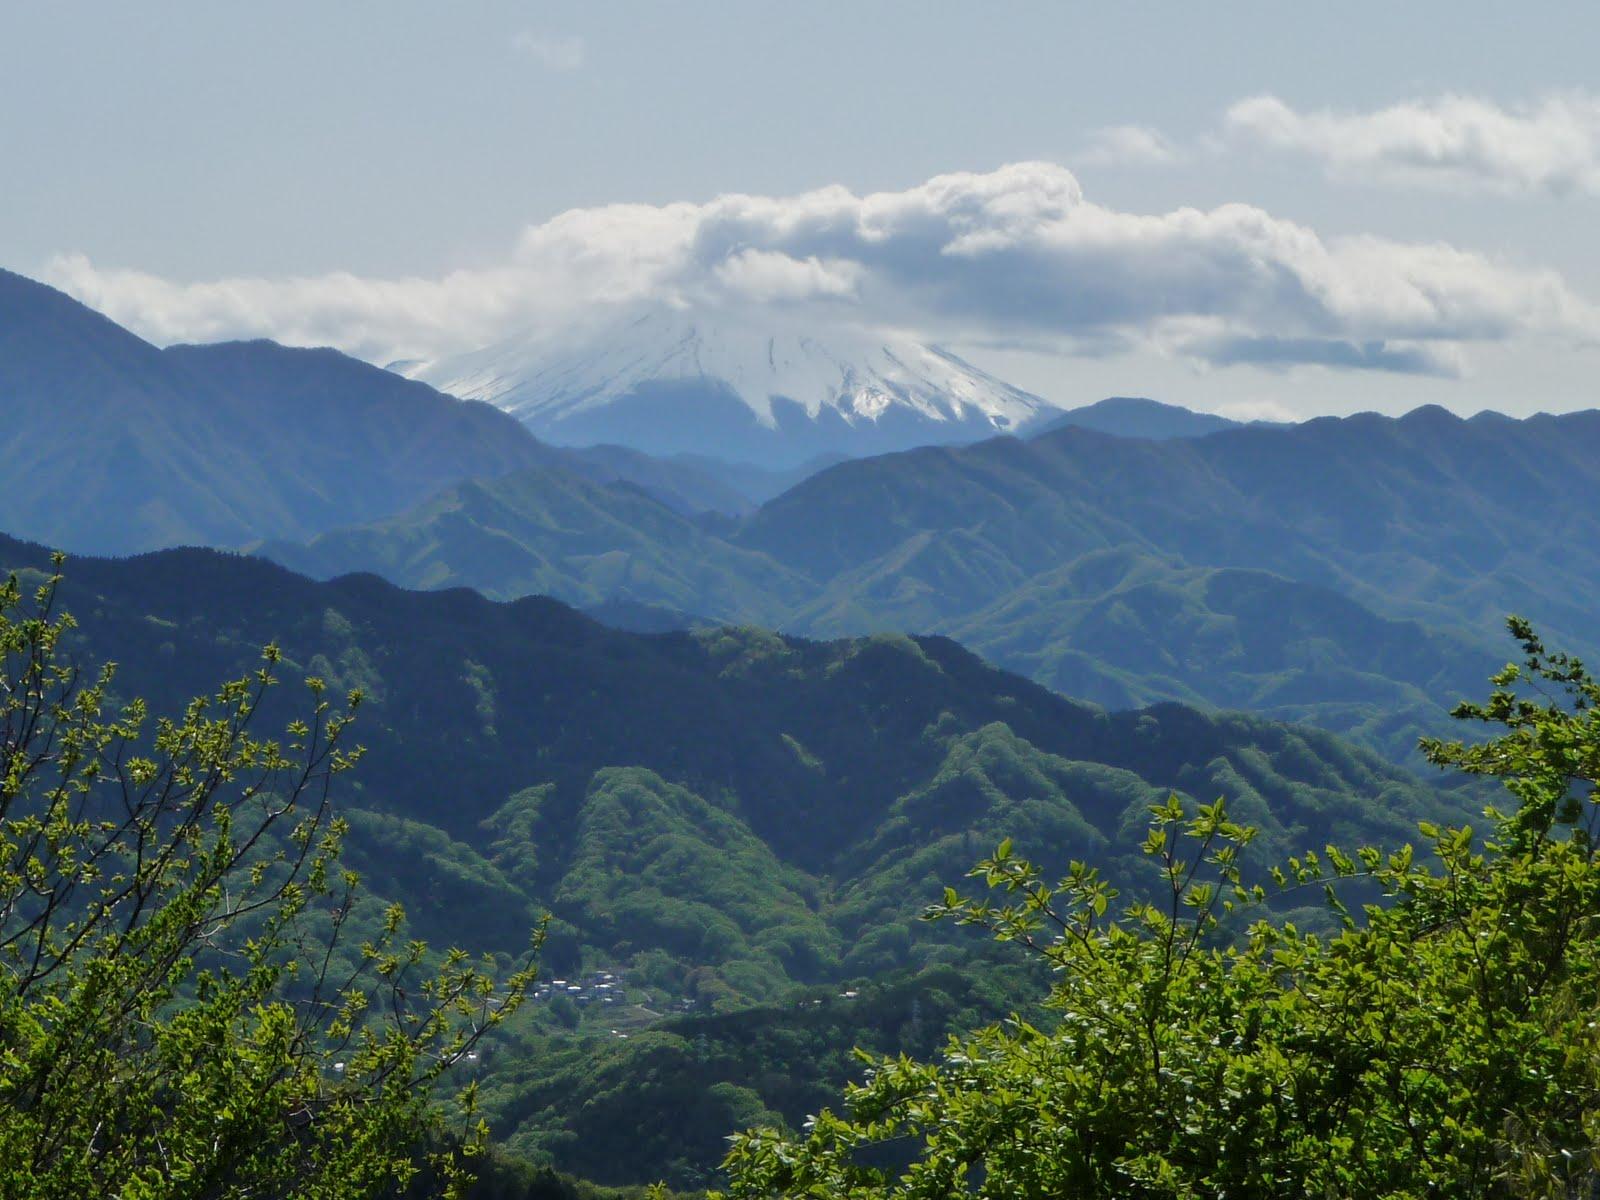 Fuji_from_Takao_1